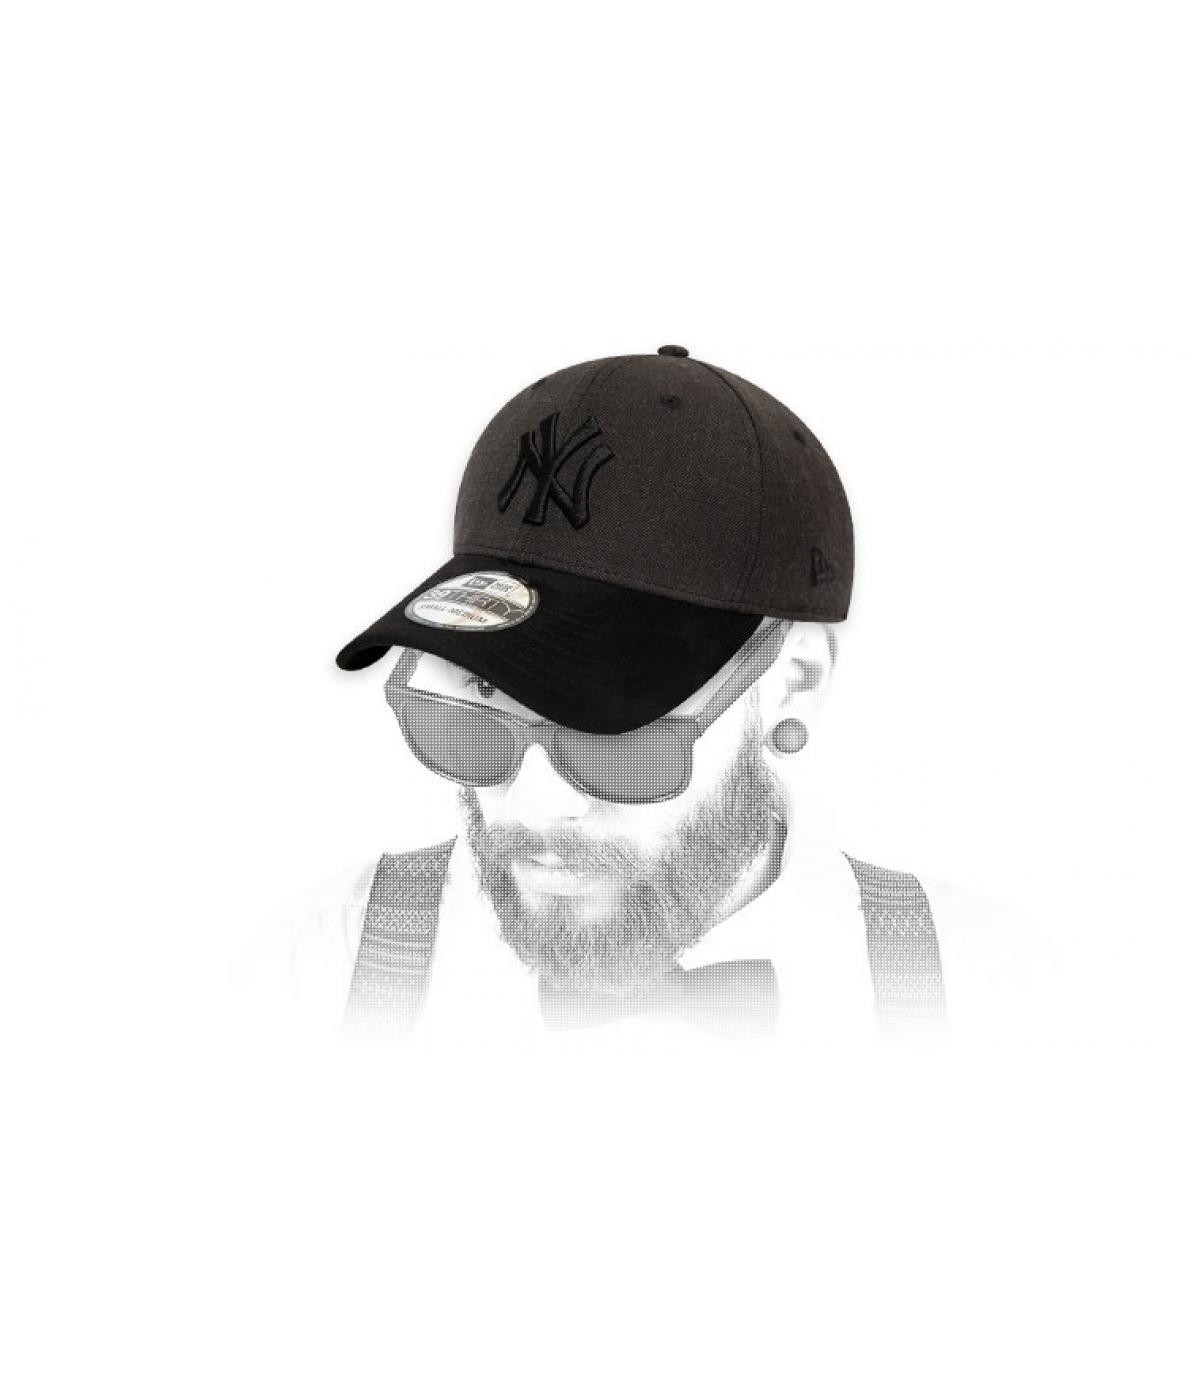 Cap NY grau schwarz suede